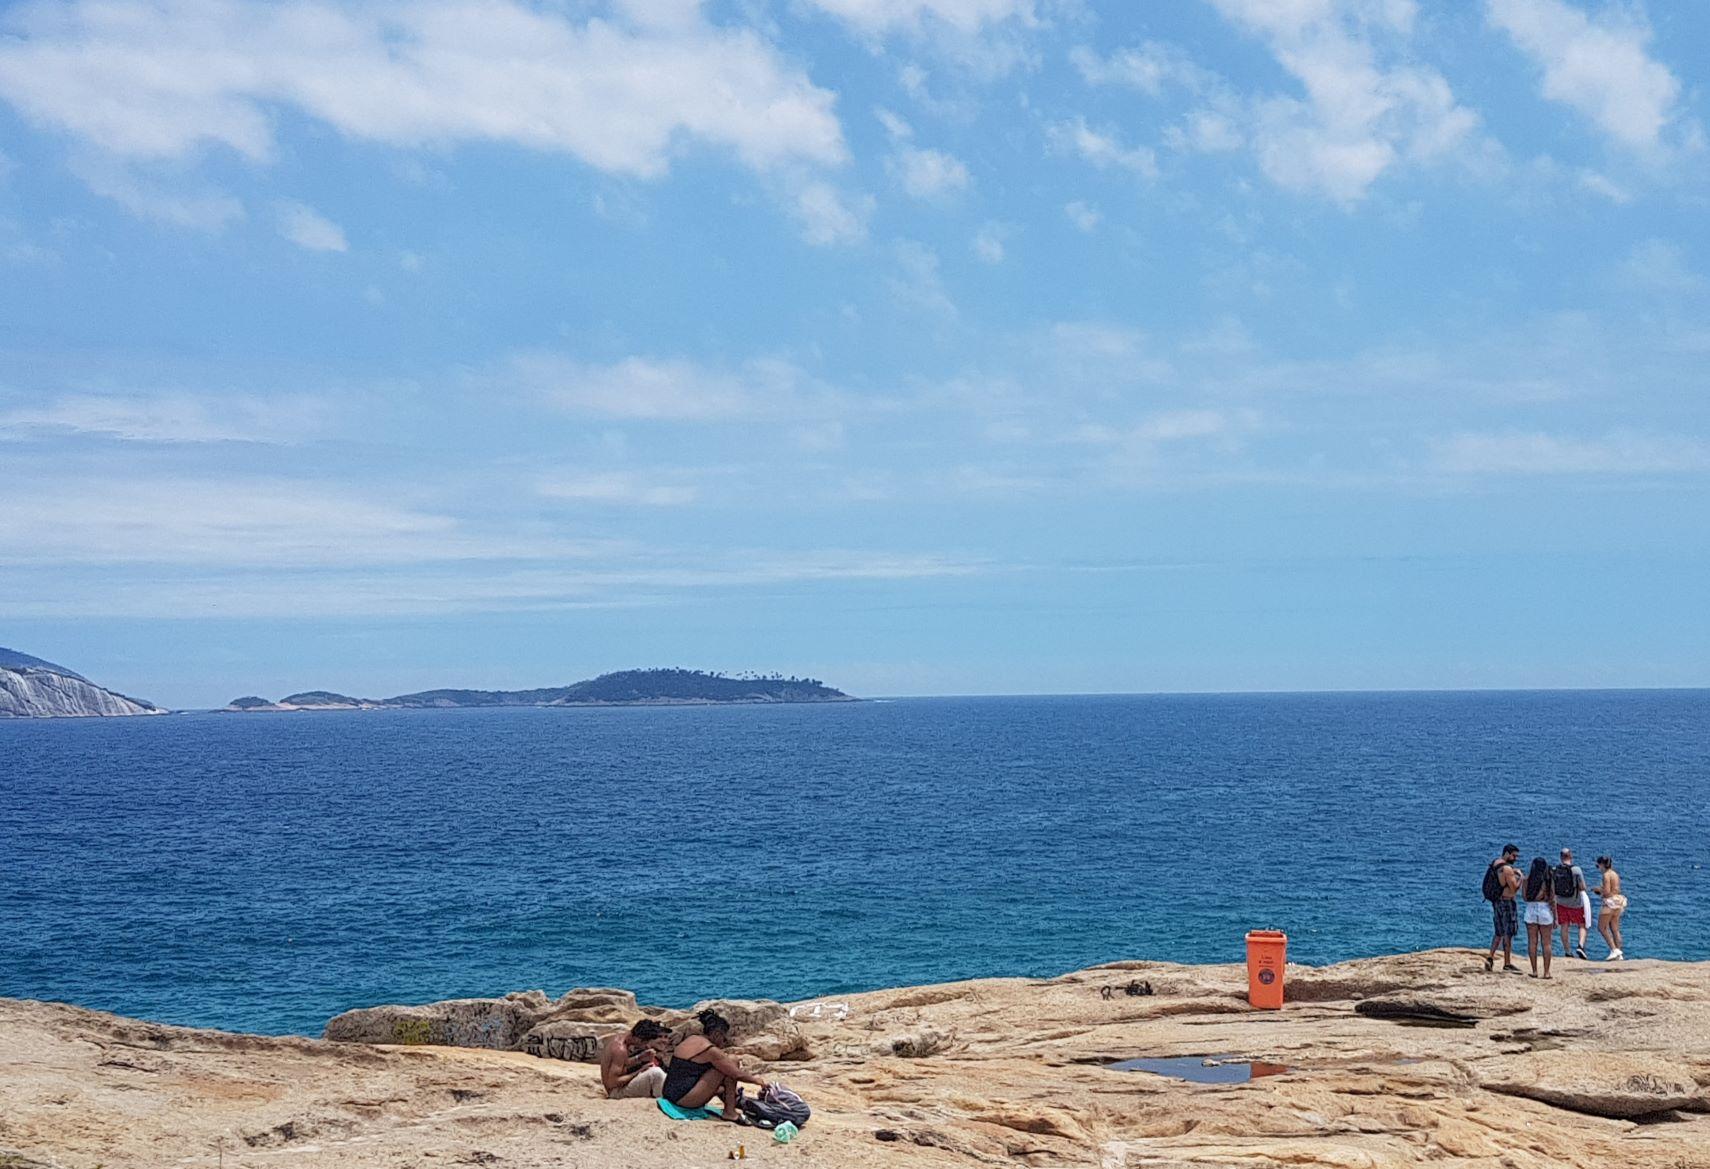 Baleias - indiretamente responsáveis pelo batismo da Pedra do Arpoador no século 19 - são agora muito raras neste trecho de mar até as Ilhas Cagarras (Foto: Oscar Valporto)